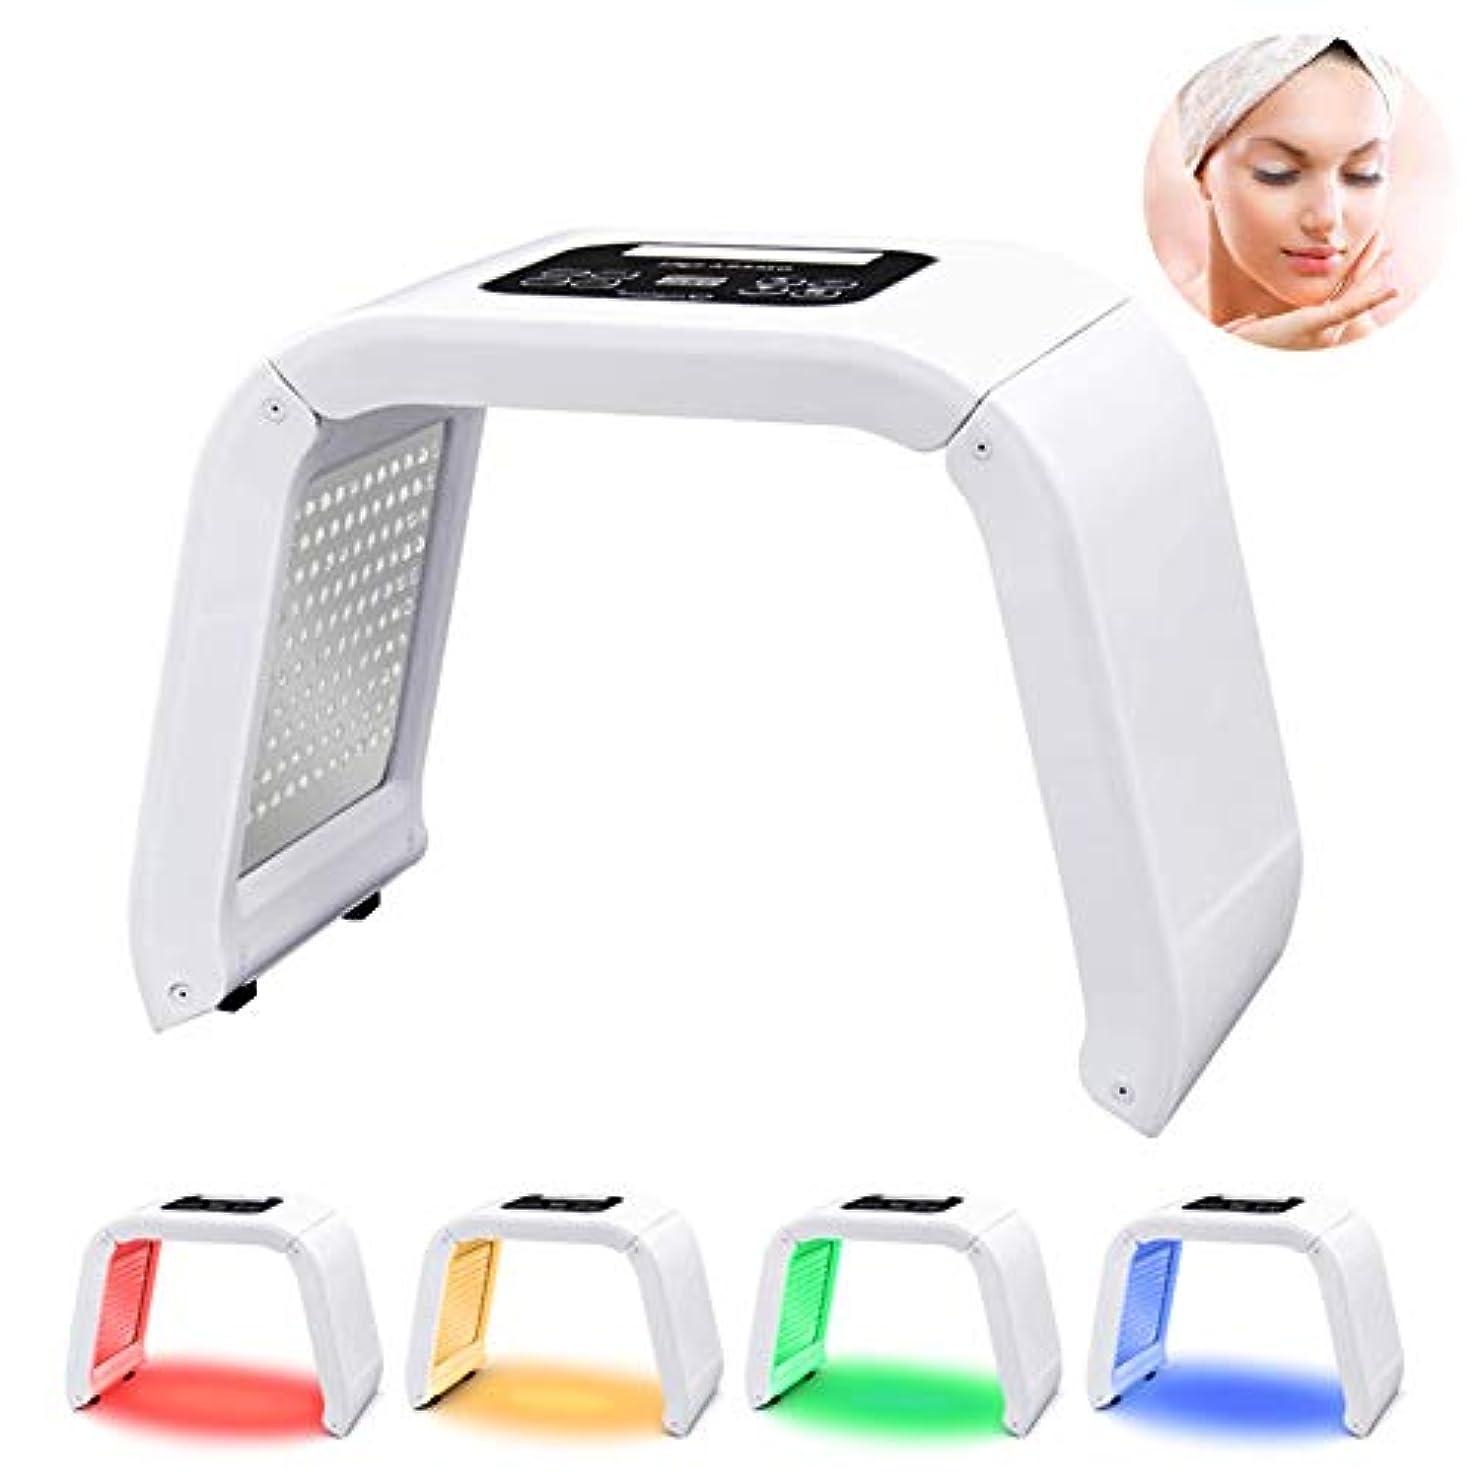 和らげる落胆させる非アクティブPDT 4-In-1 LEDライト光線療法電気スキンケア美容装置家庭用多機能体の美容スキンケア分光器のマシン女性のための完璧なギフト